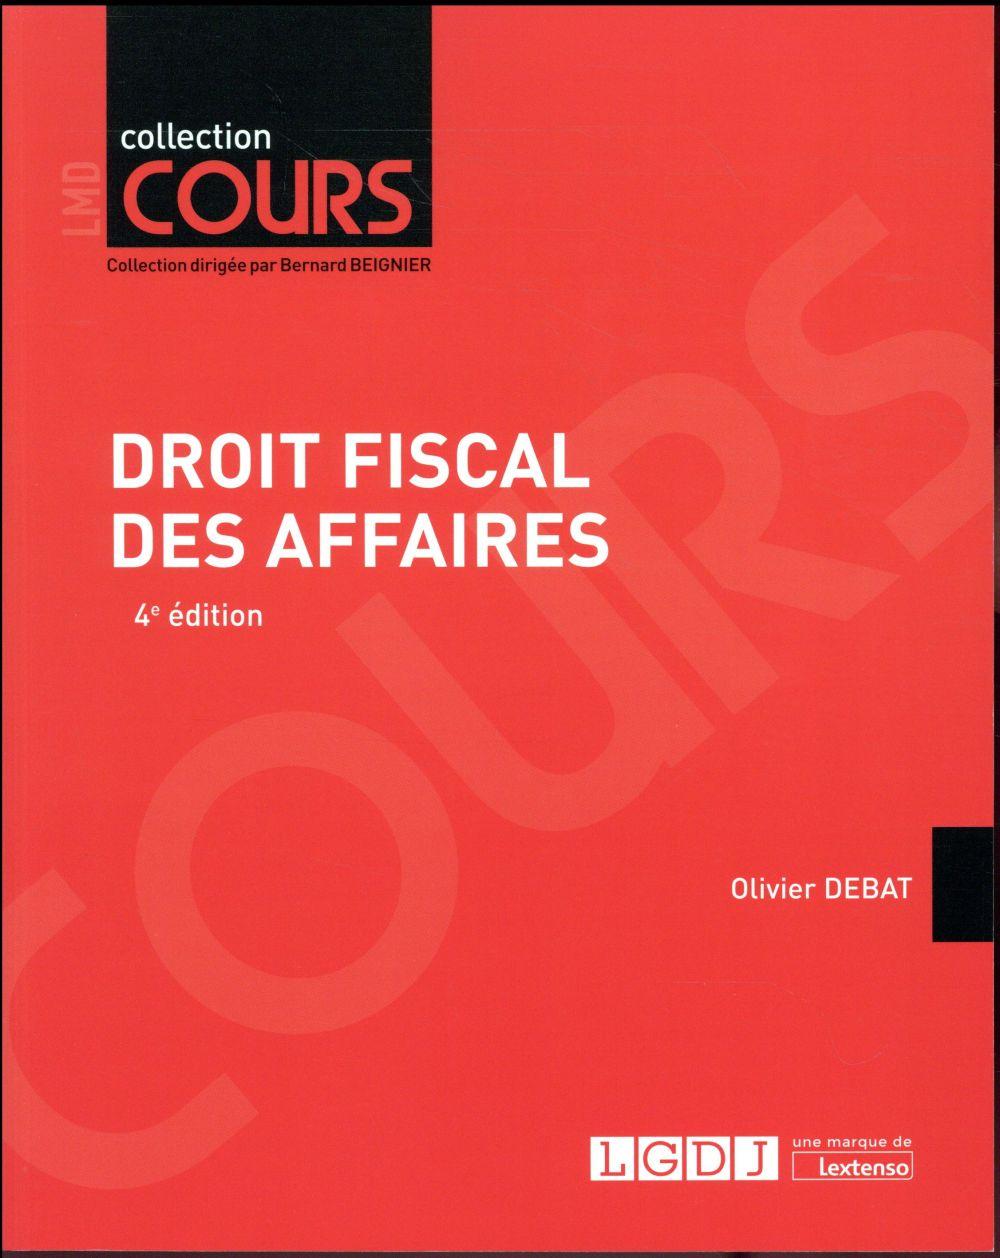 DROIT FISCAL DES AFFAIRES 4EME EDITION